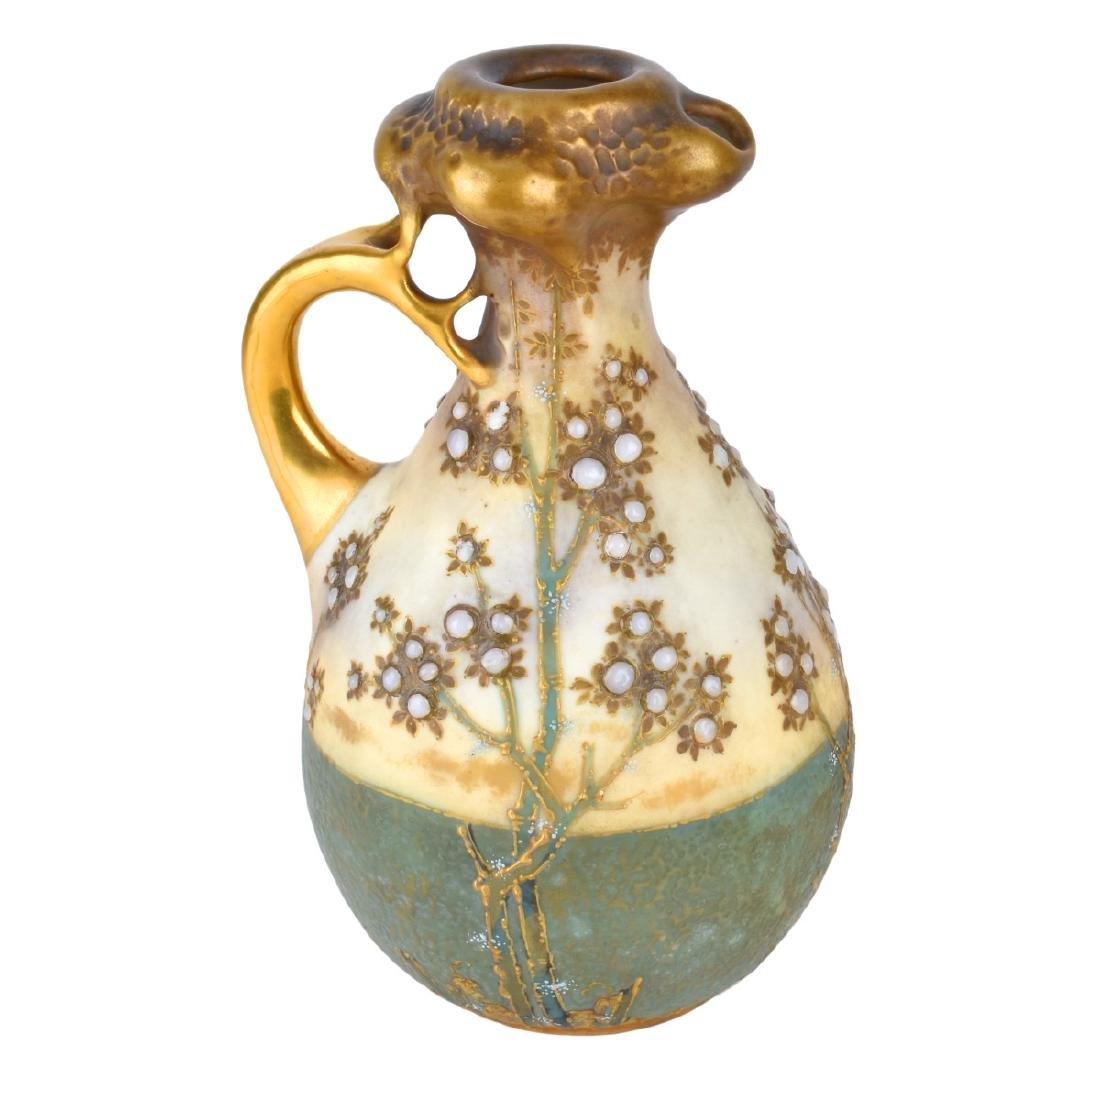 Amphora Turn Teplitz Ewer